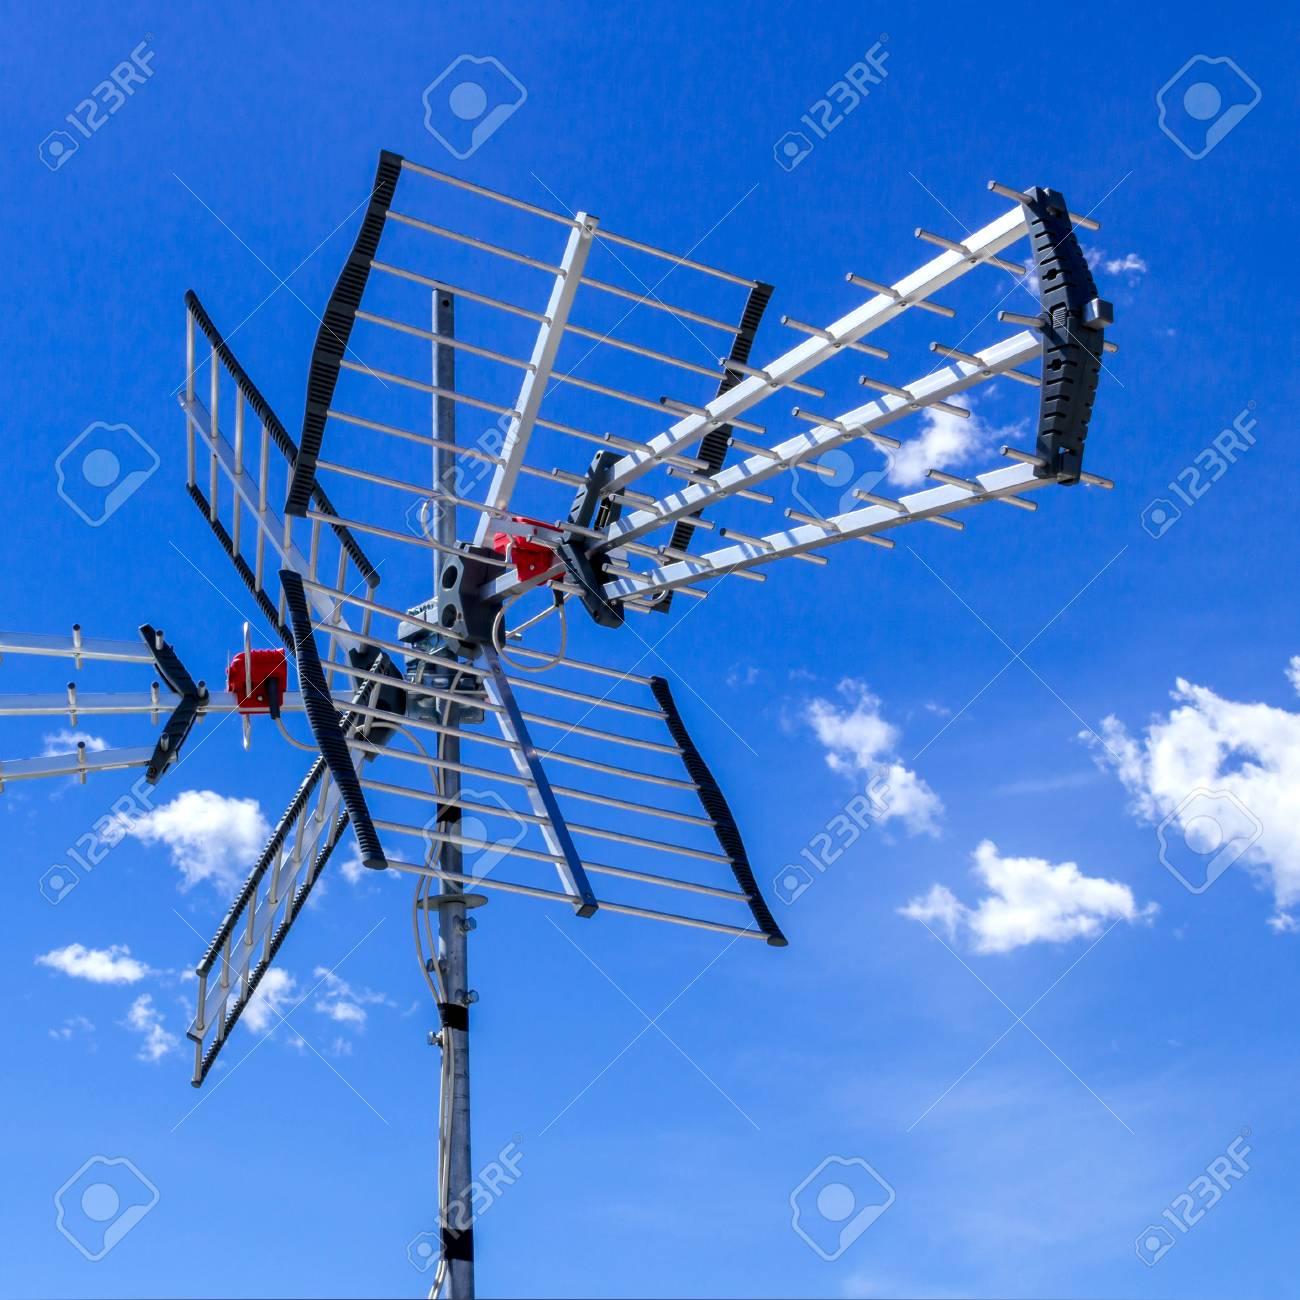 Antenne TV Pour Recevoir La Bande UHF De Télévision Terrestre Contre Le  Ciel Bleu Banque D'Images Et Photos Libres De Droits. Image 81603767.